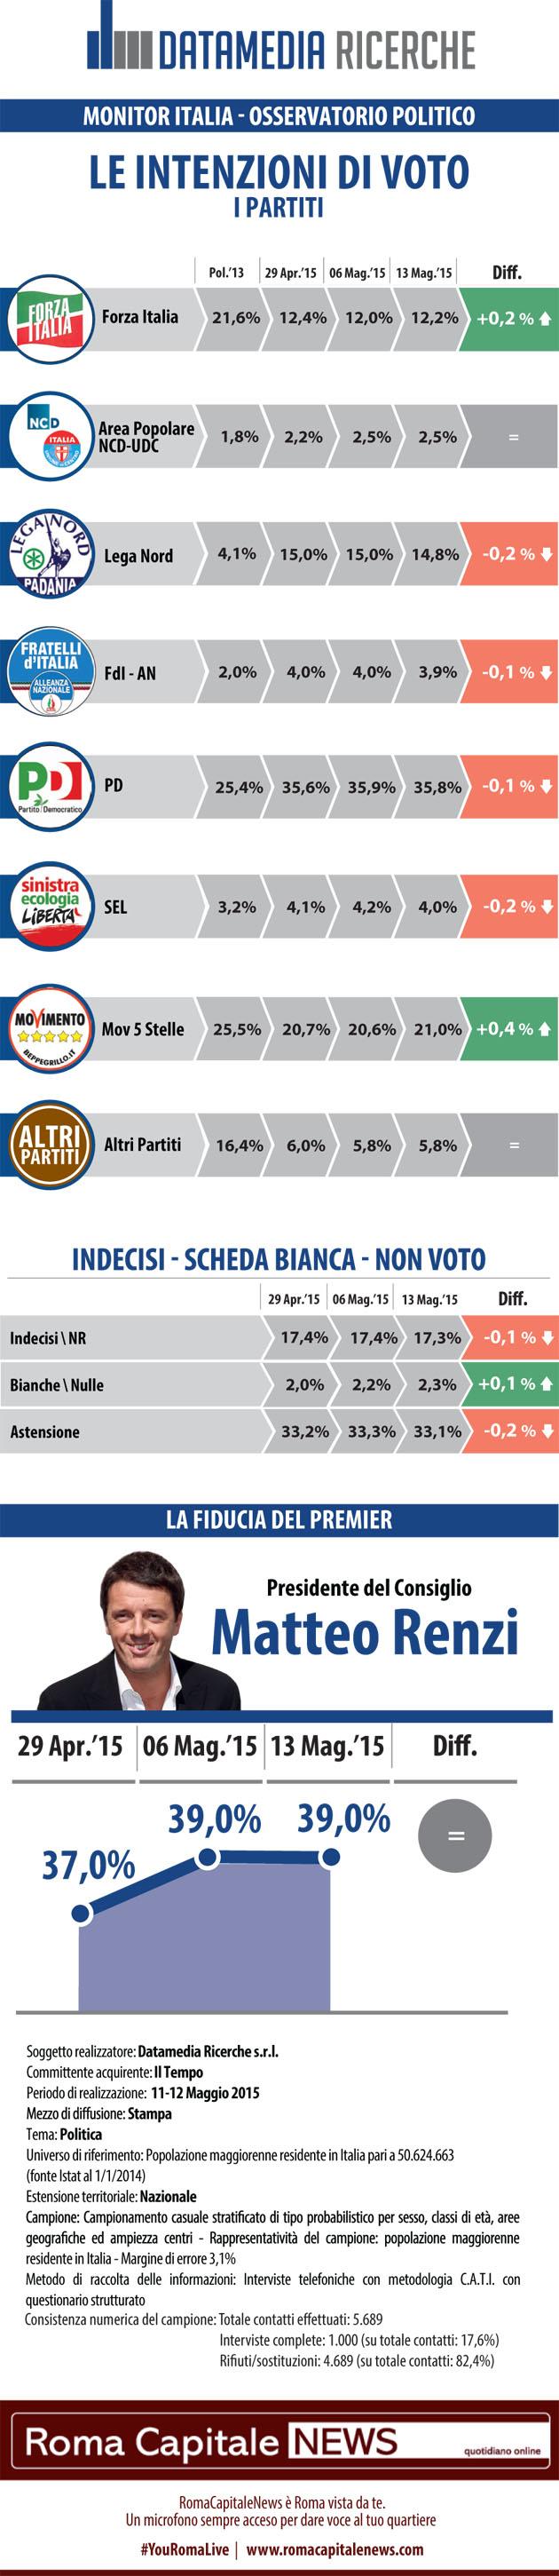 Nel sondaggio Datamedia del 14 maggio 2014 le variazioni sono minime. M5S il lieve ripresa, fiducia in Renzi stabile al 39%.